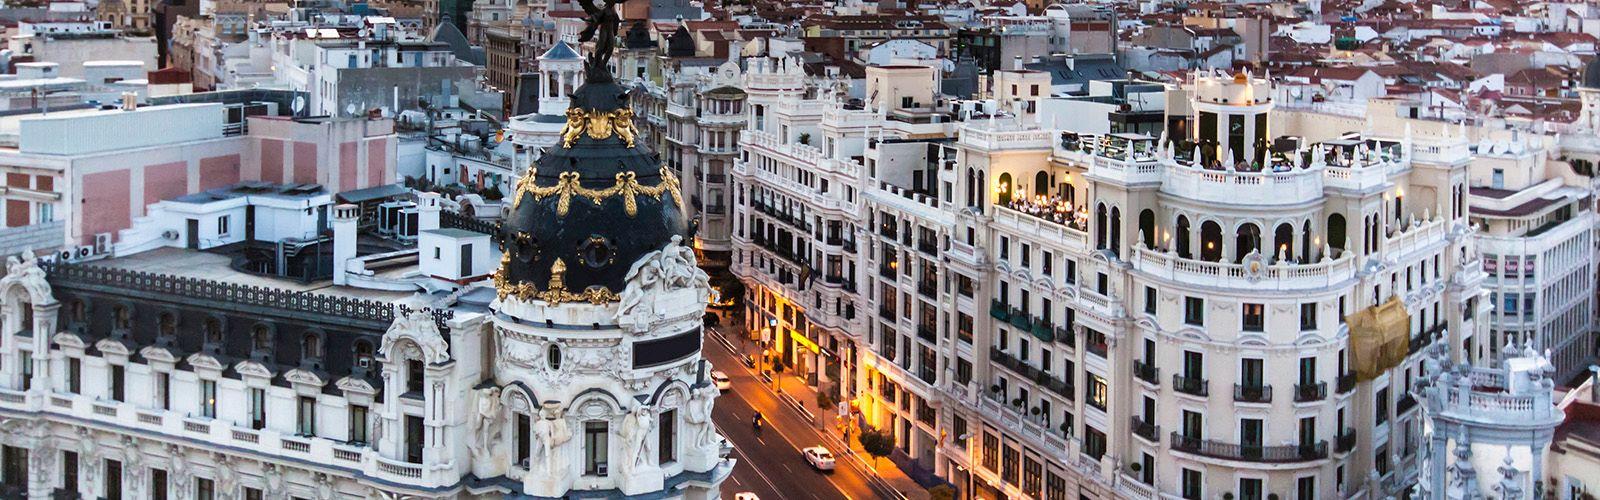 Descubre Escapadas Fin De Semana Madrid Baratas Skyscanner ~ Planes En Madrid Este Fin De Semana